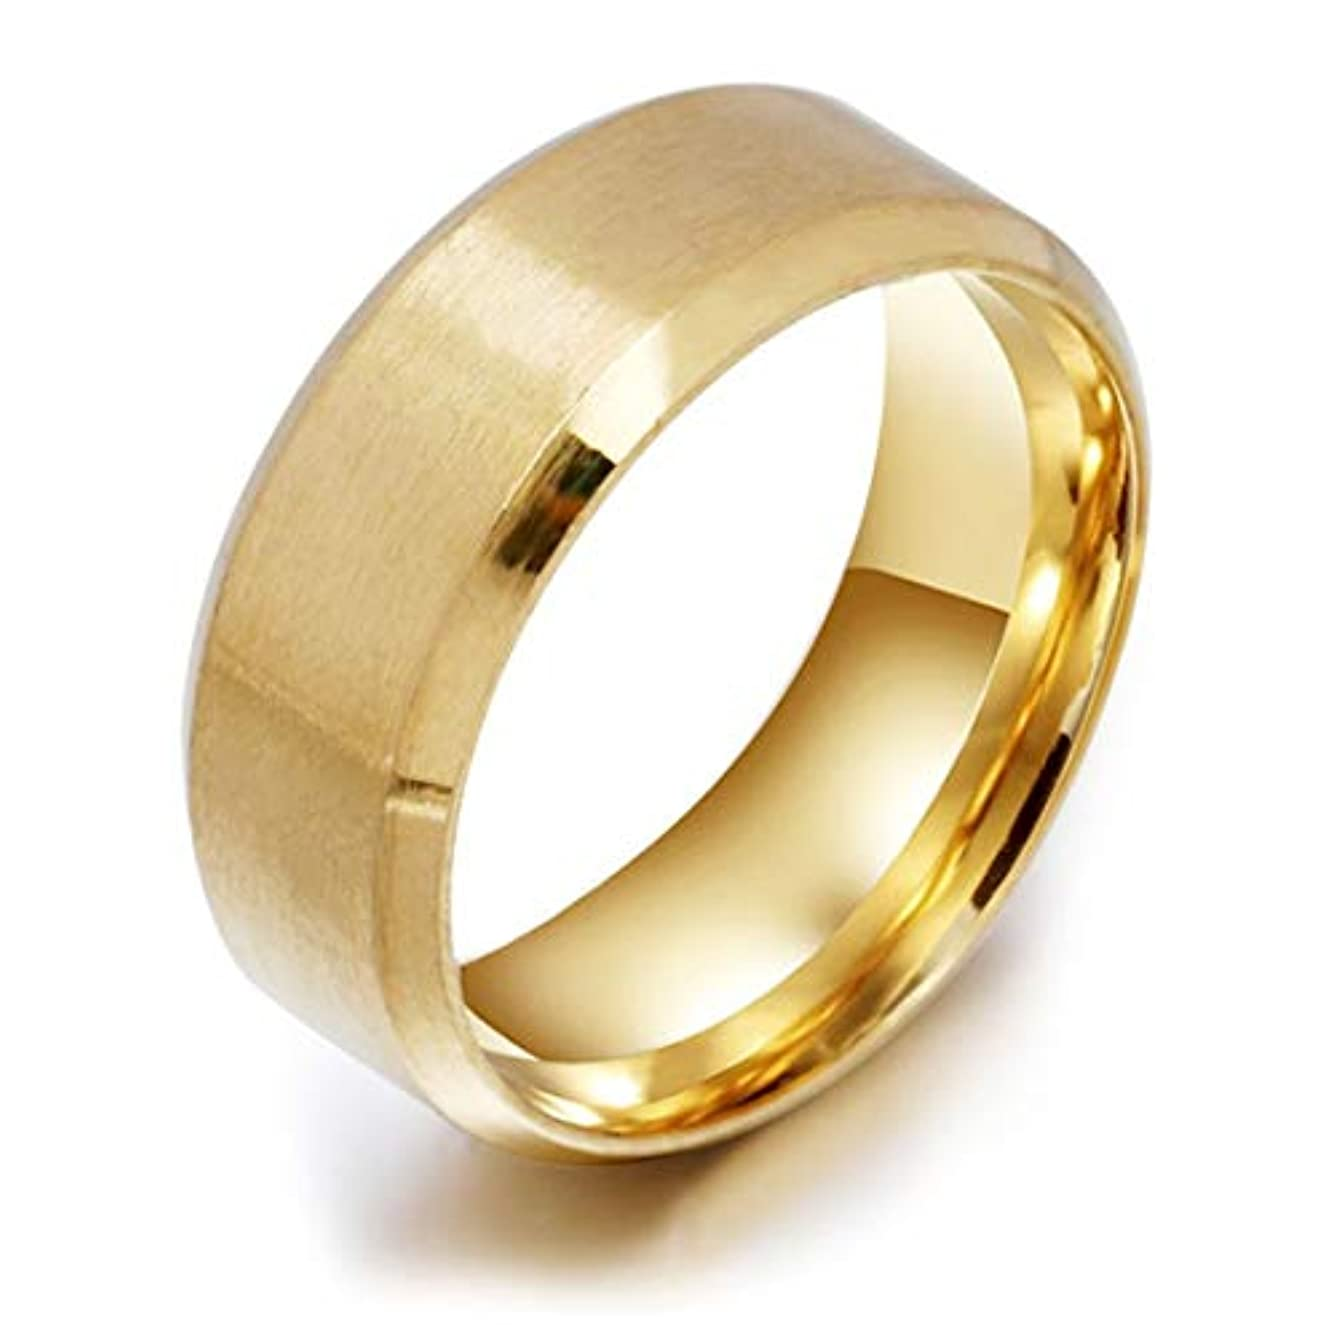 モックショップ旅行者ステンレス鋼の医療指リング磁気減量リング男性の女性のリングのための高いポーランドのファッションジュエリー (Panda) (色:シルバー)